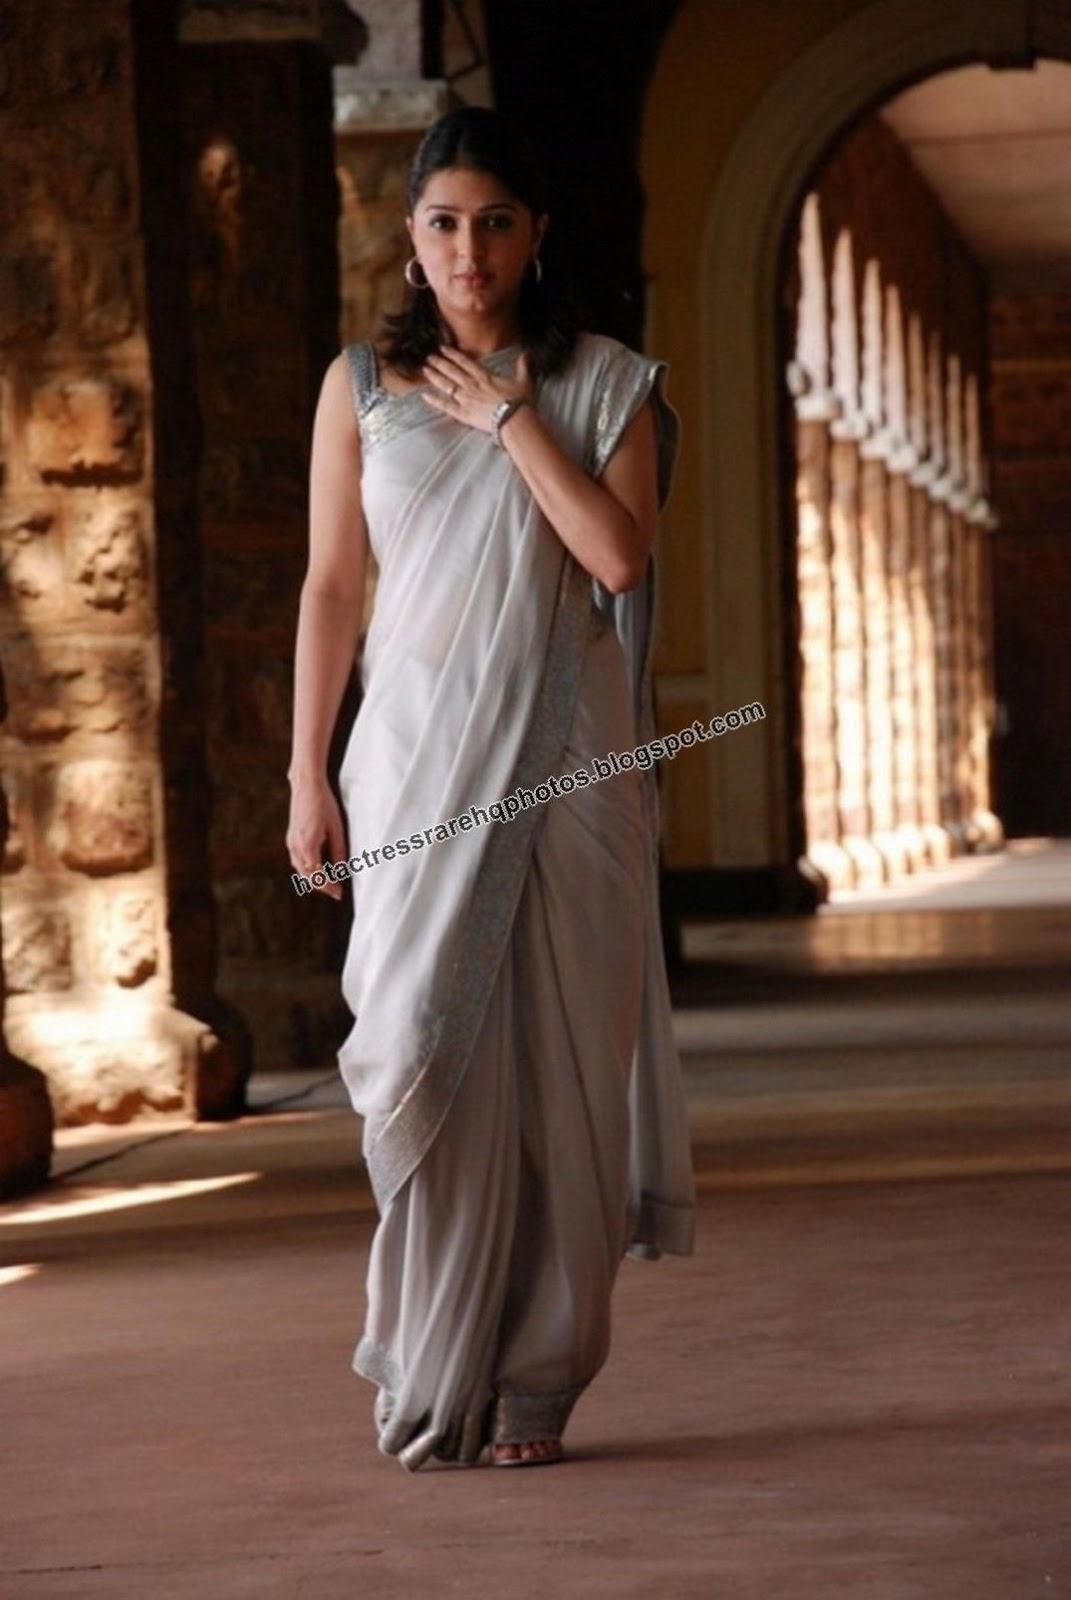 Hot Indian Actress Rare Hq Photos Telugu Actress Bhumika